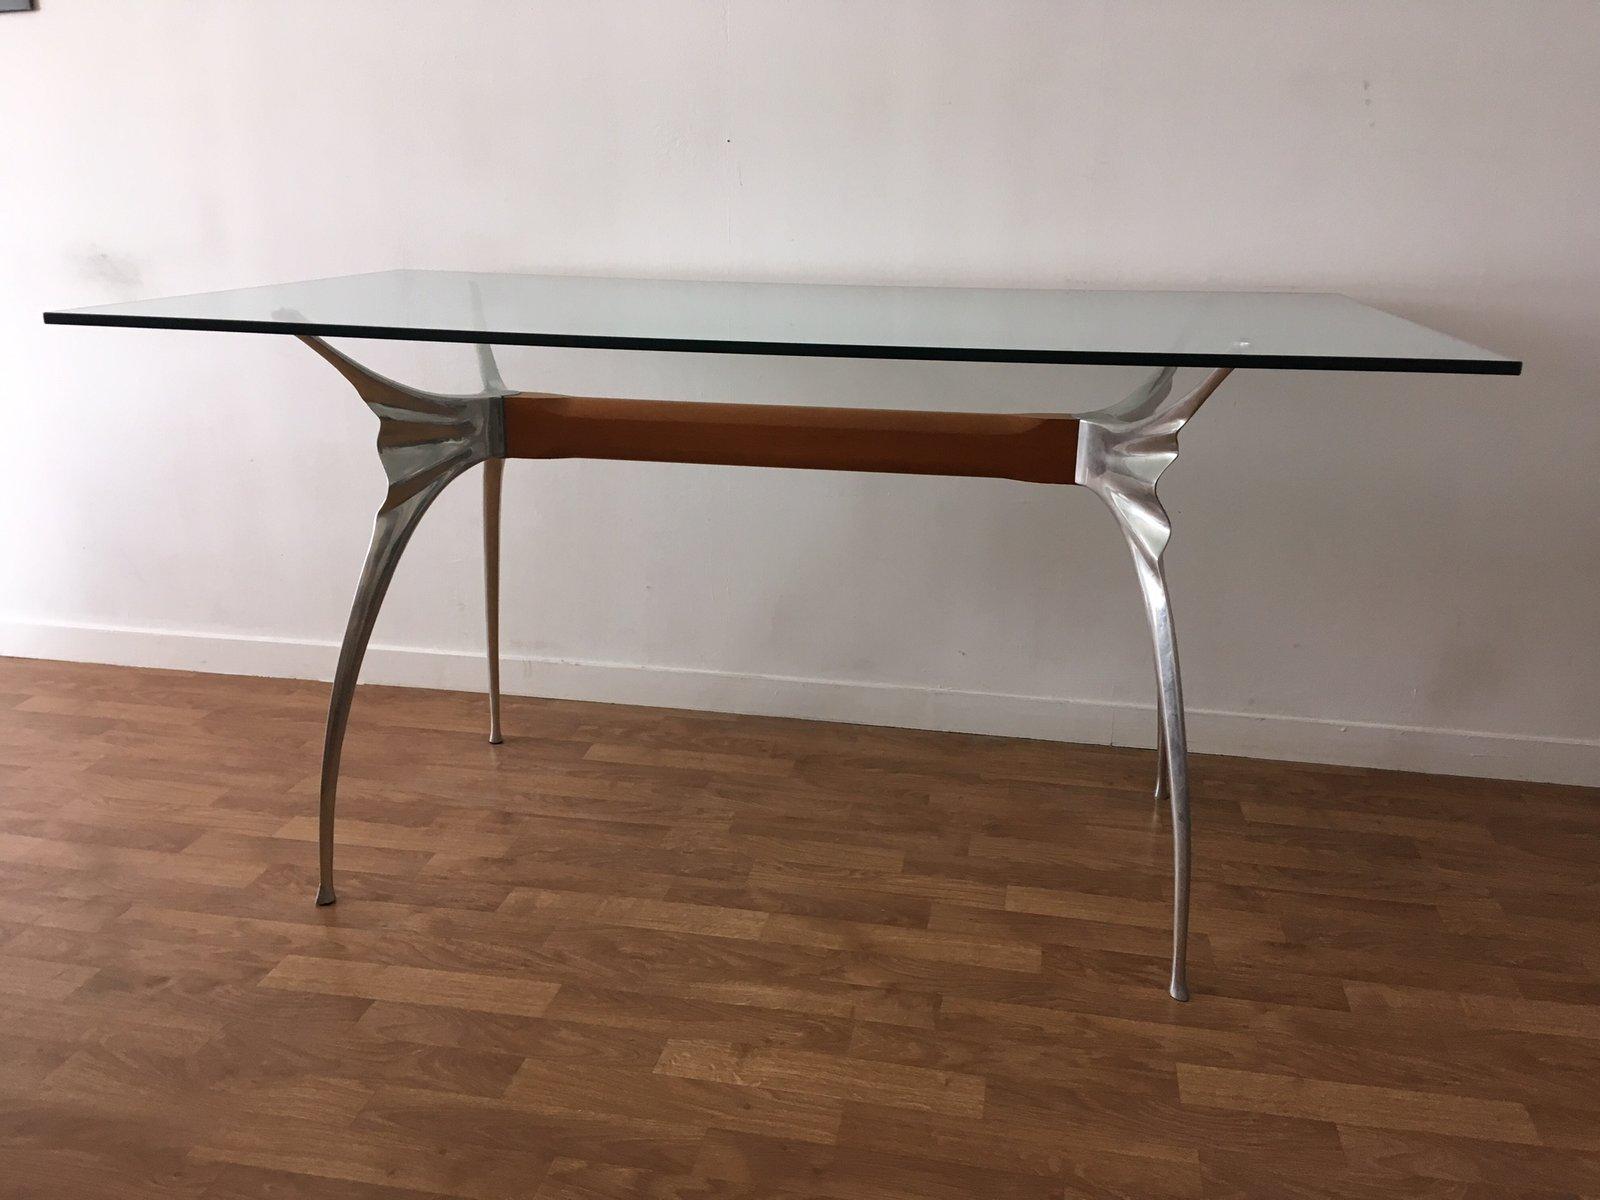 Bureau en aluminium poli avec poutre en hêtre par bernard dequet